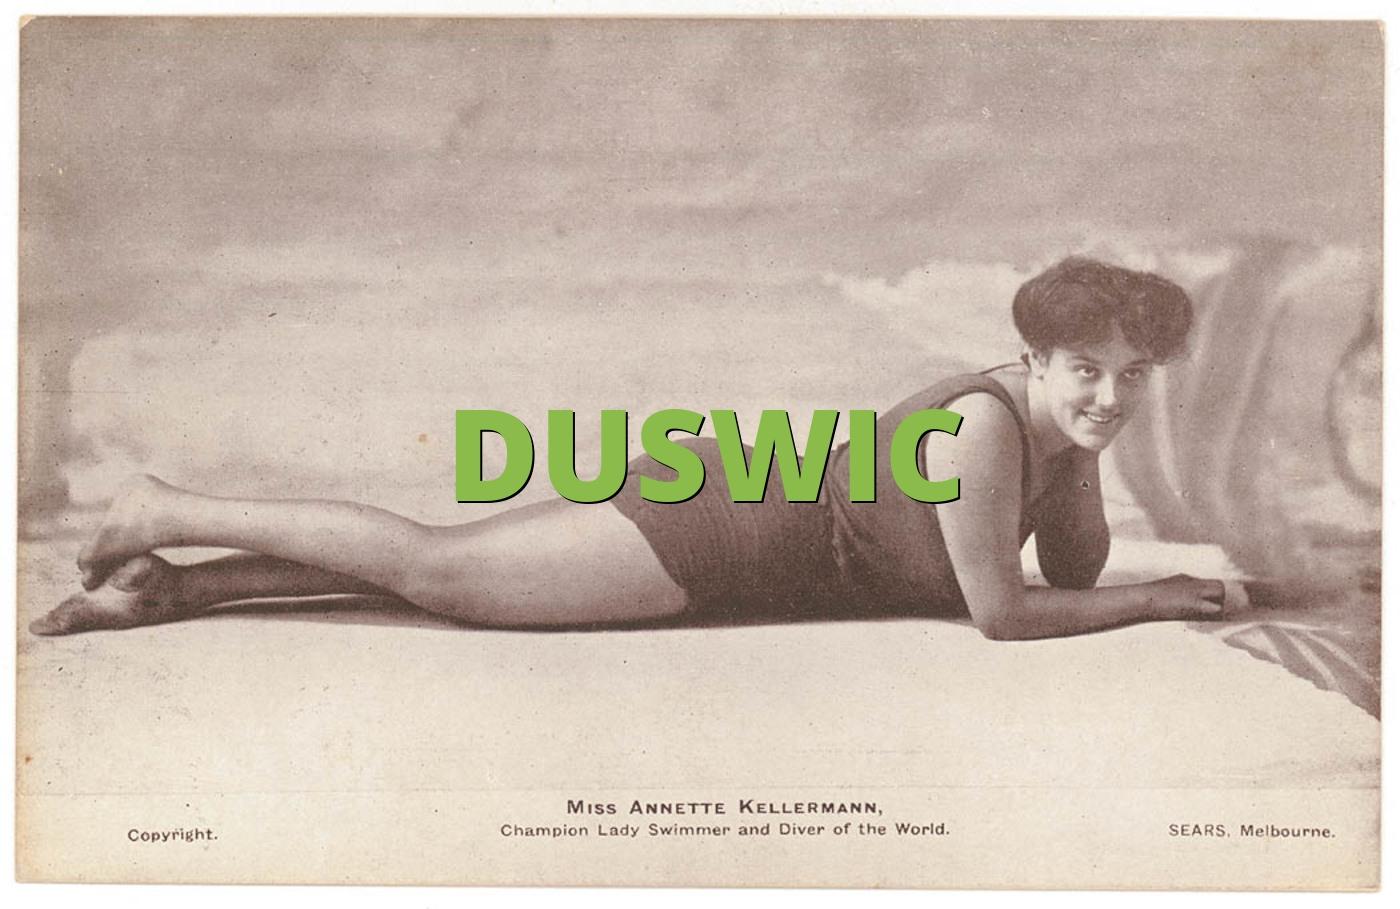 DUSWIC